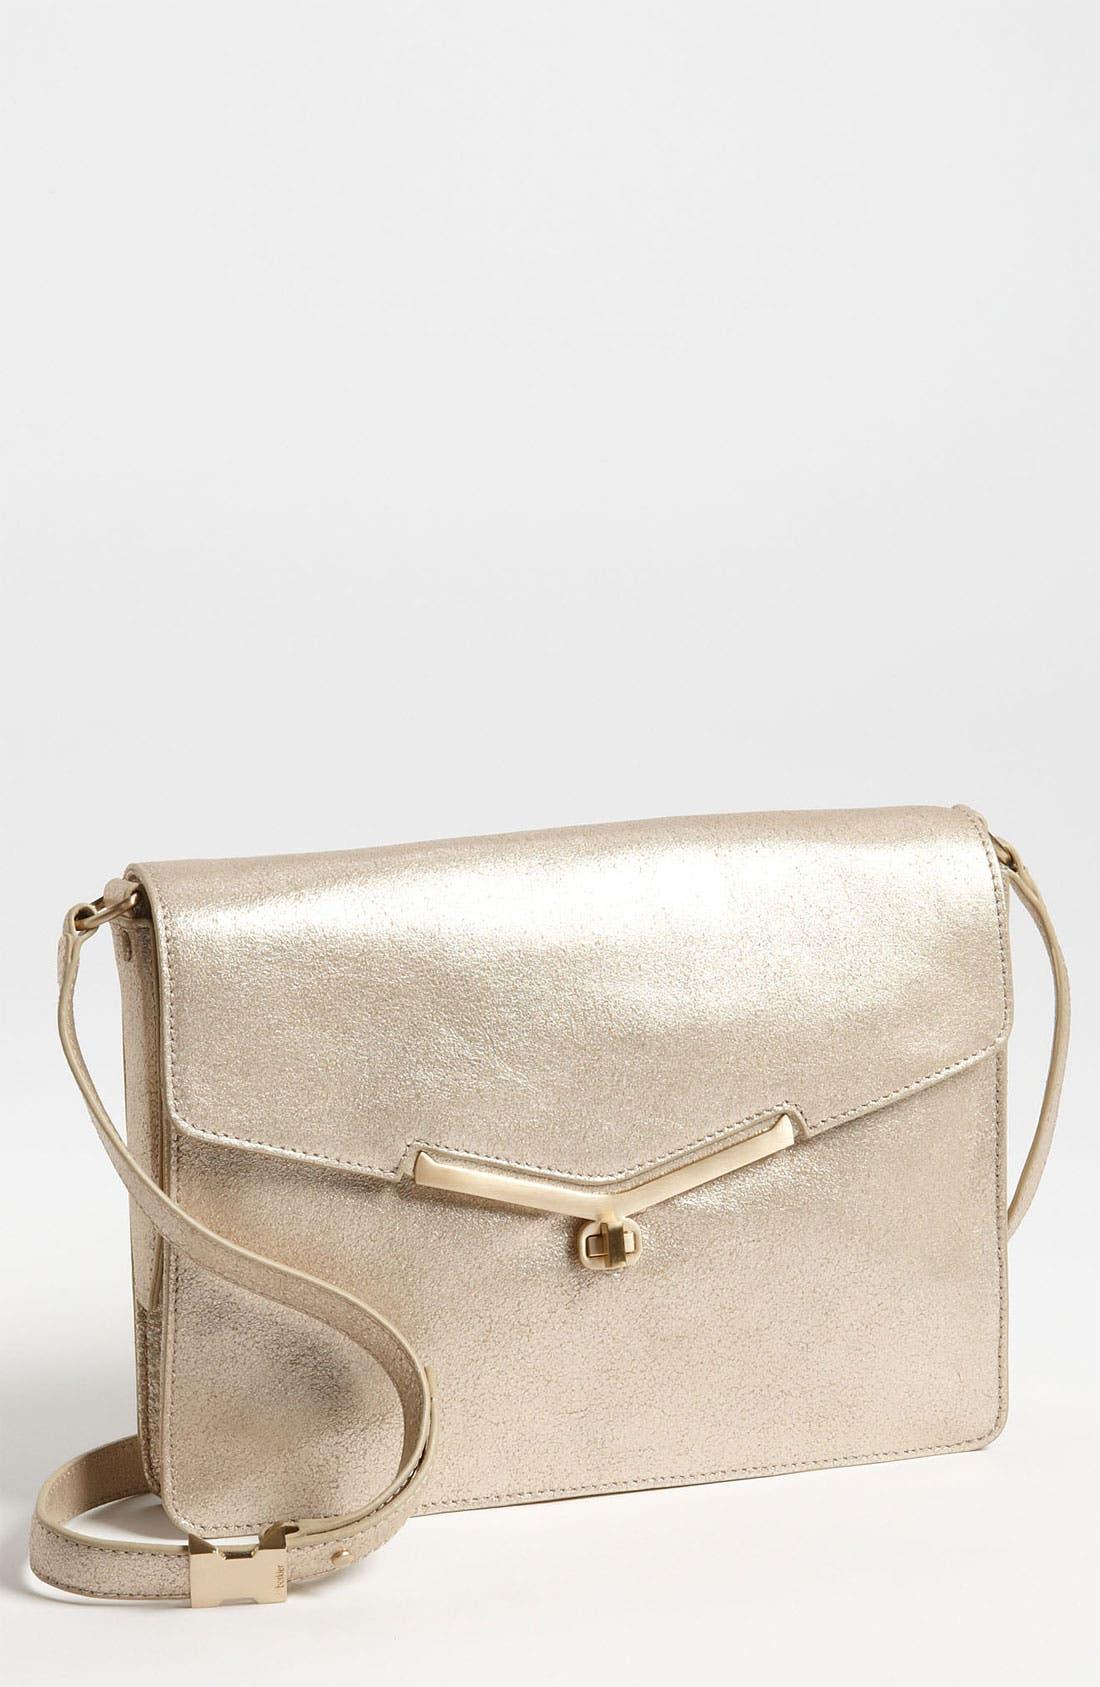 Main Image - Botkier 'Valentina' Shoulder Bag